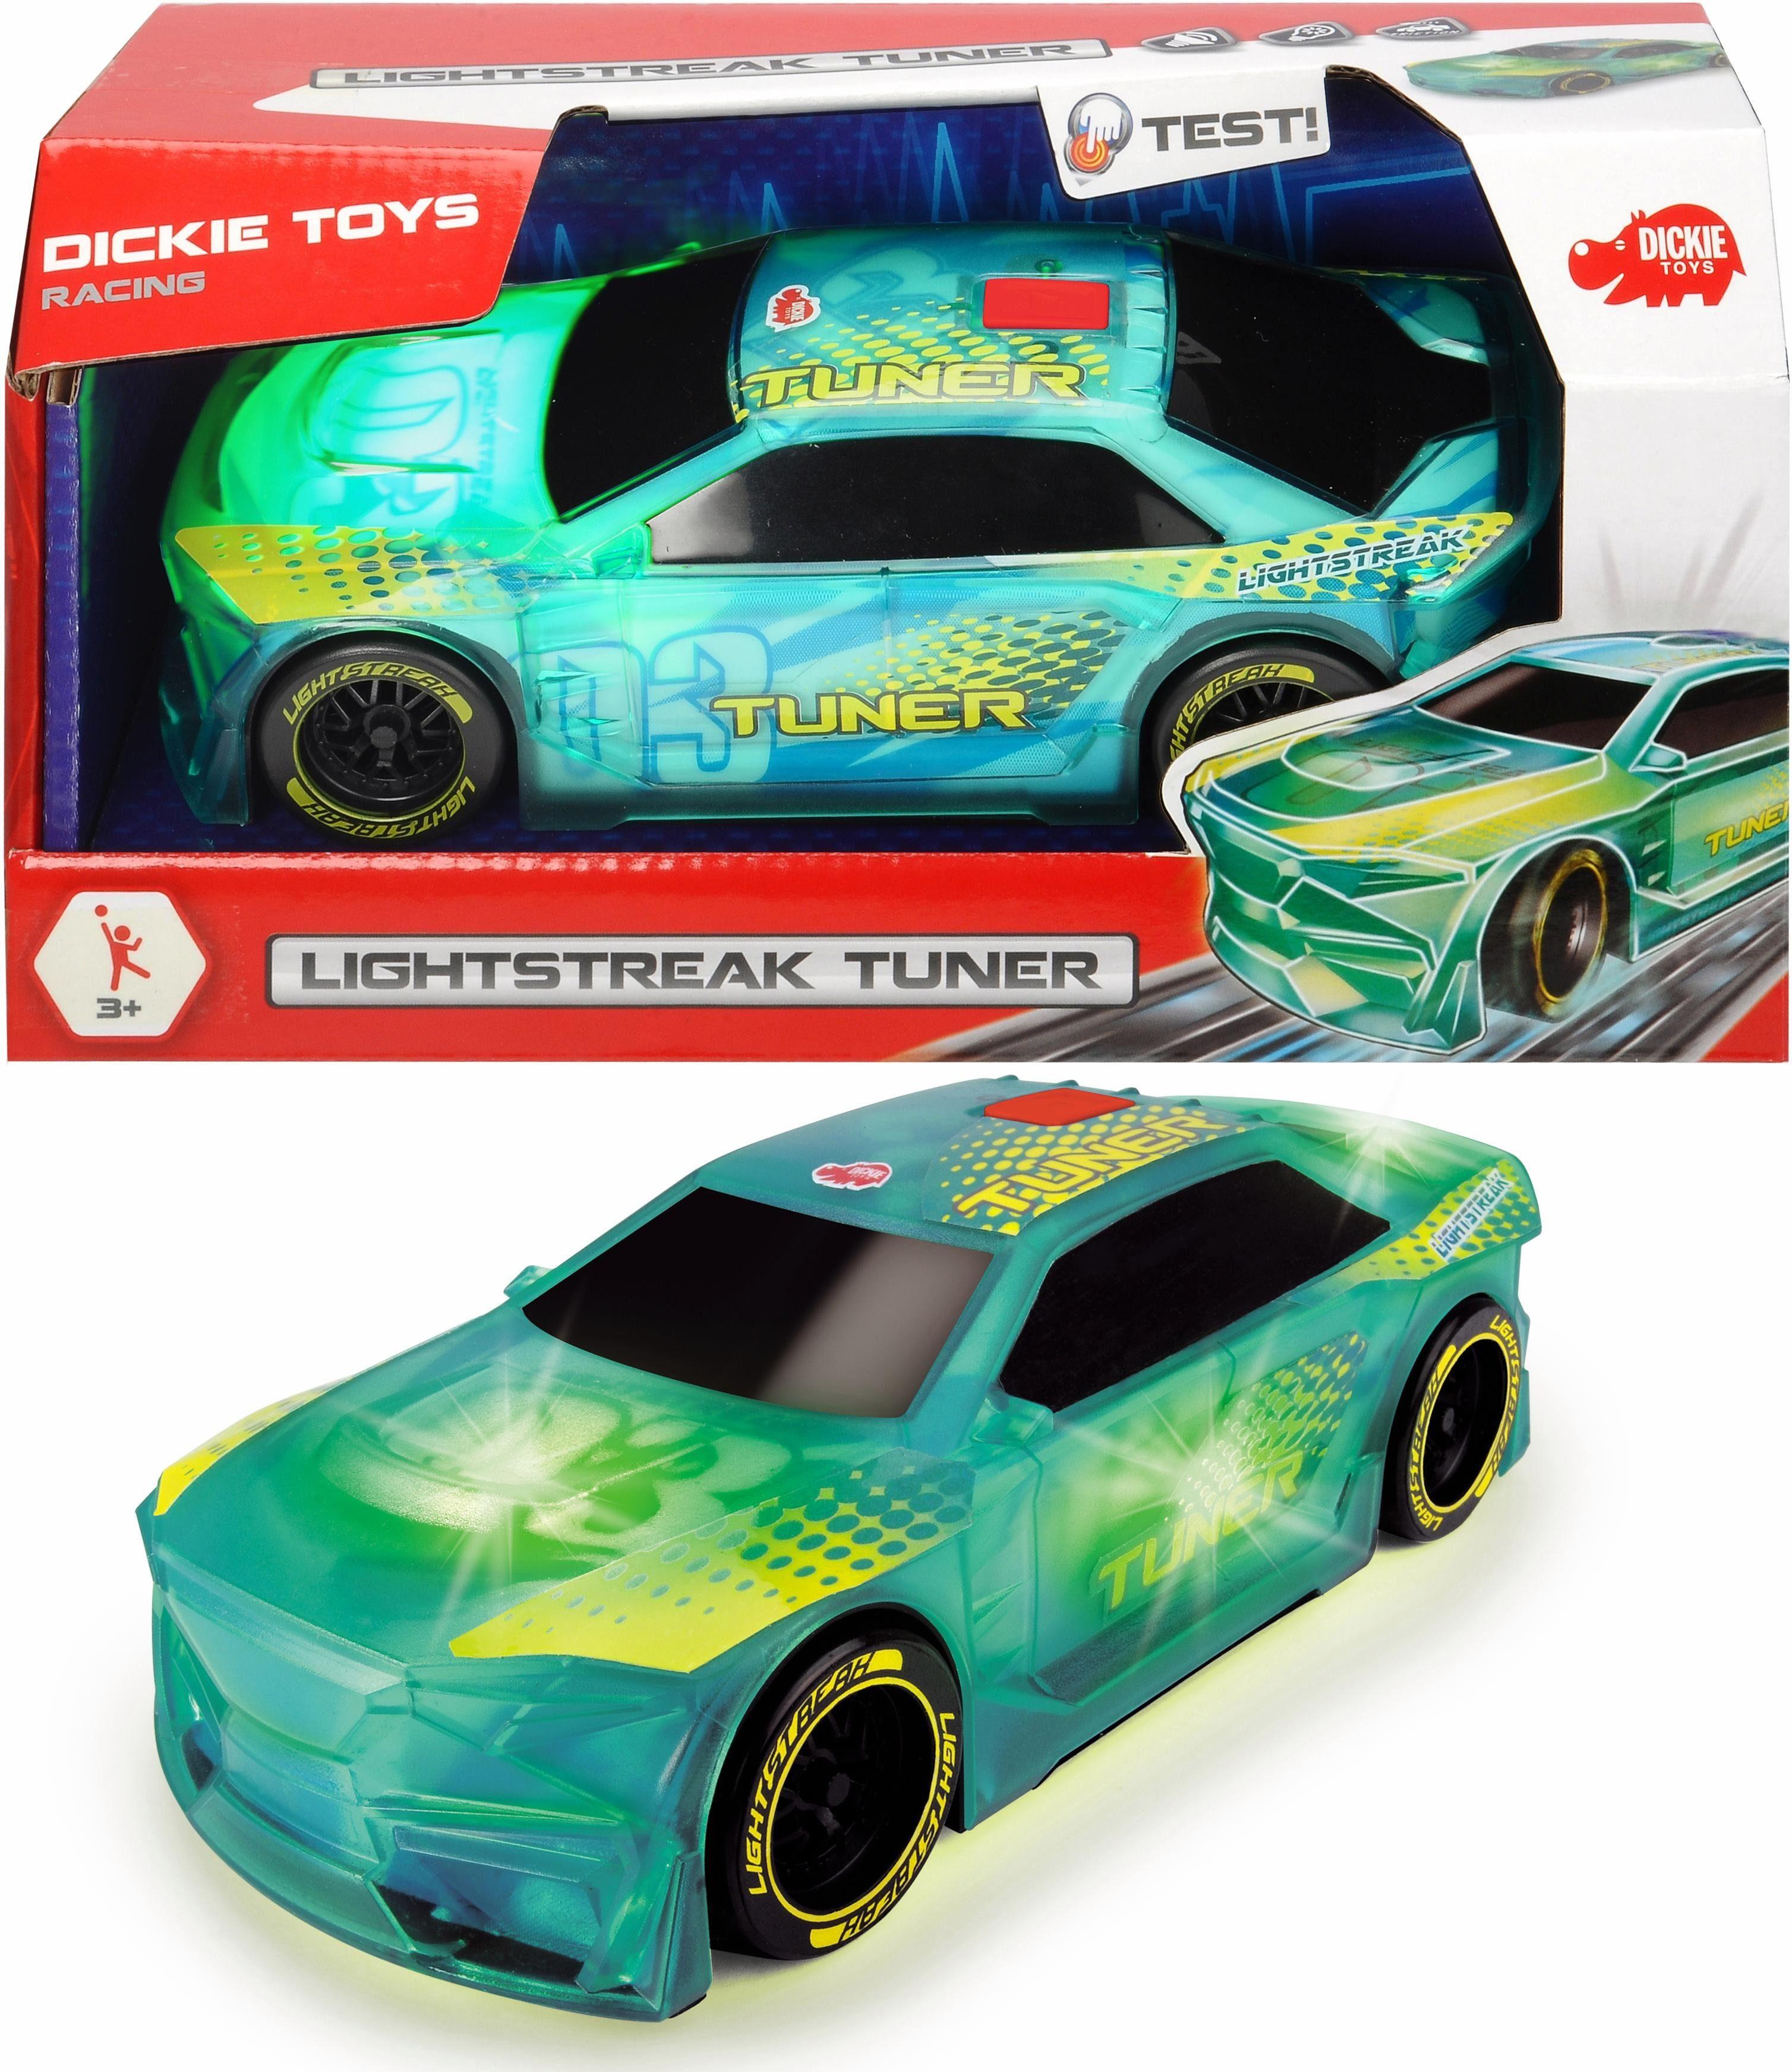 Dickie Toys Spielzeugauto mit Licht und Sound, »Lightstreak Tuner«